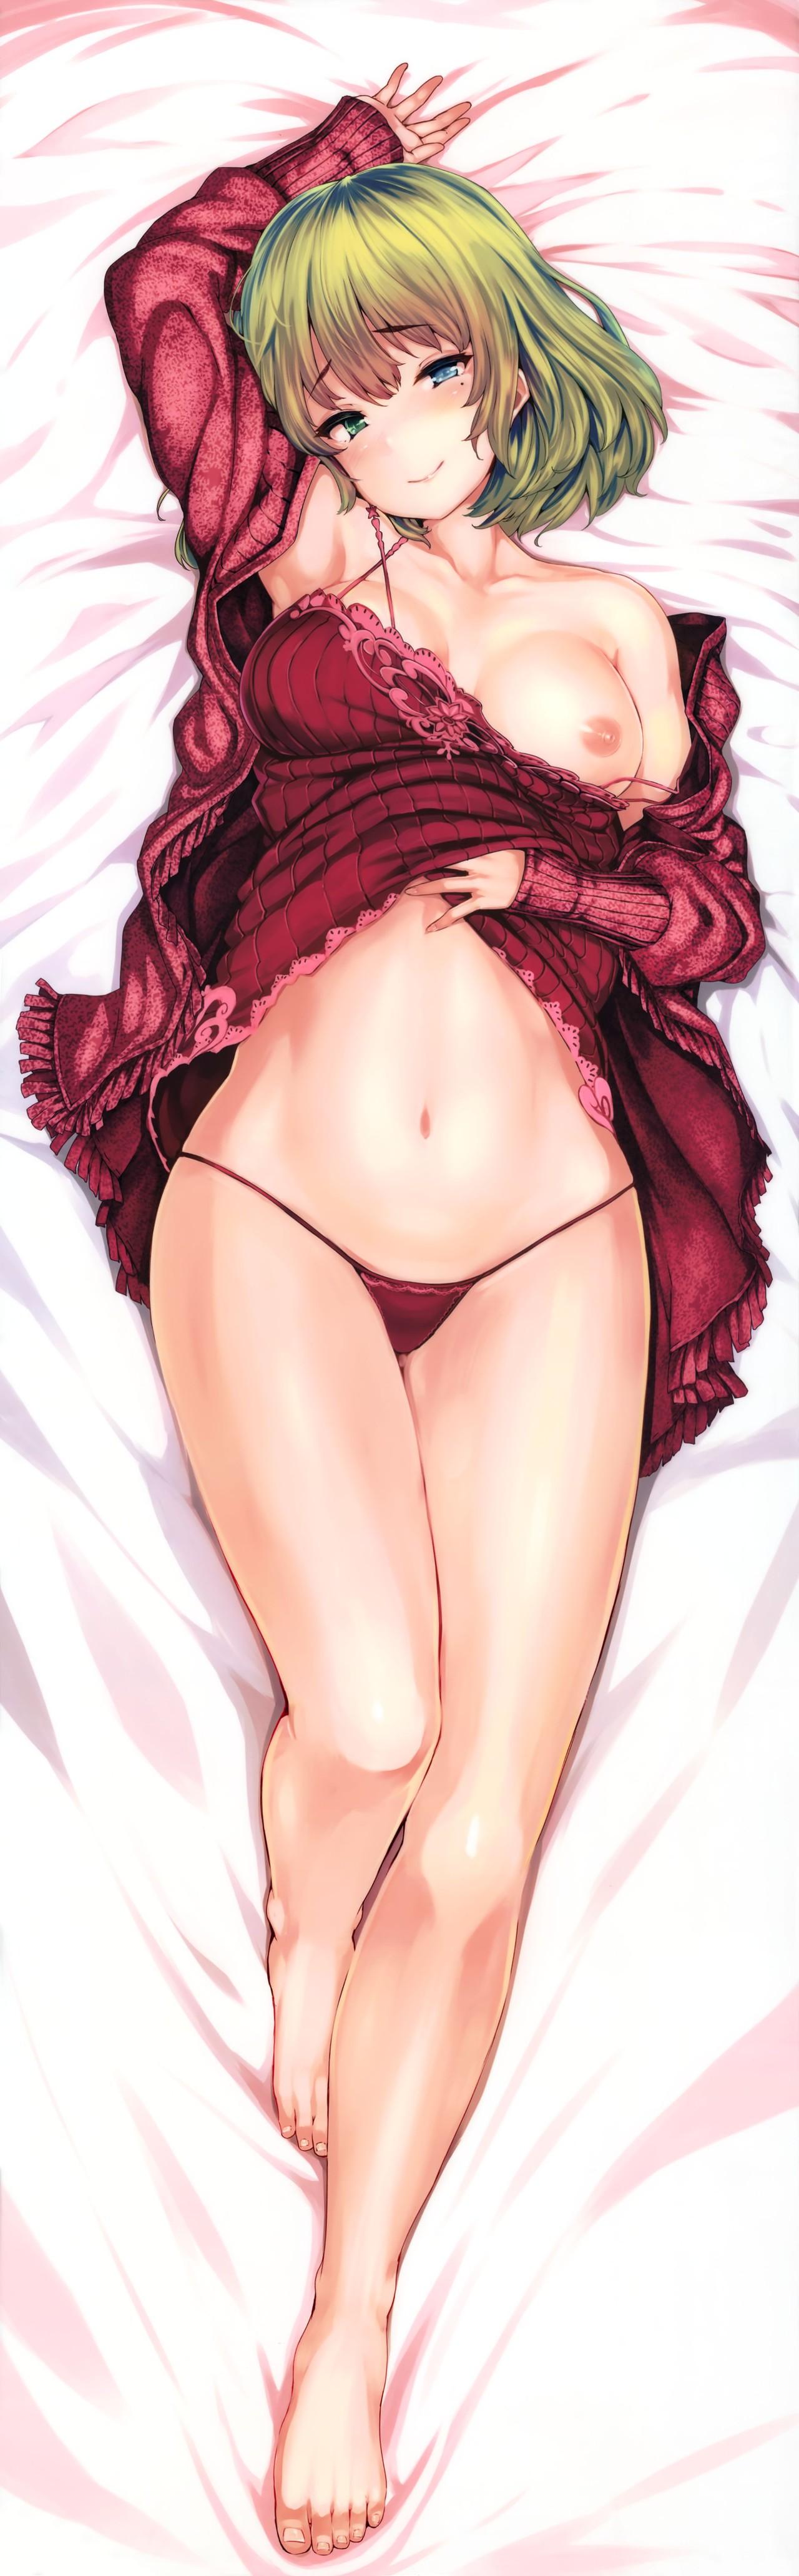 服から片乳露出 女一人  -コミック -人外291